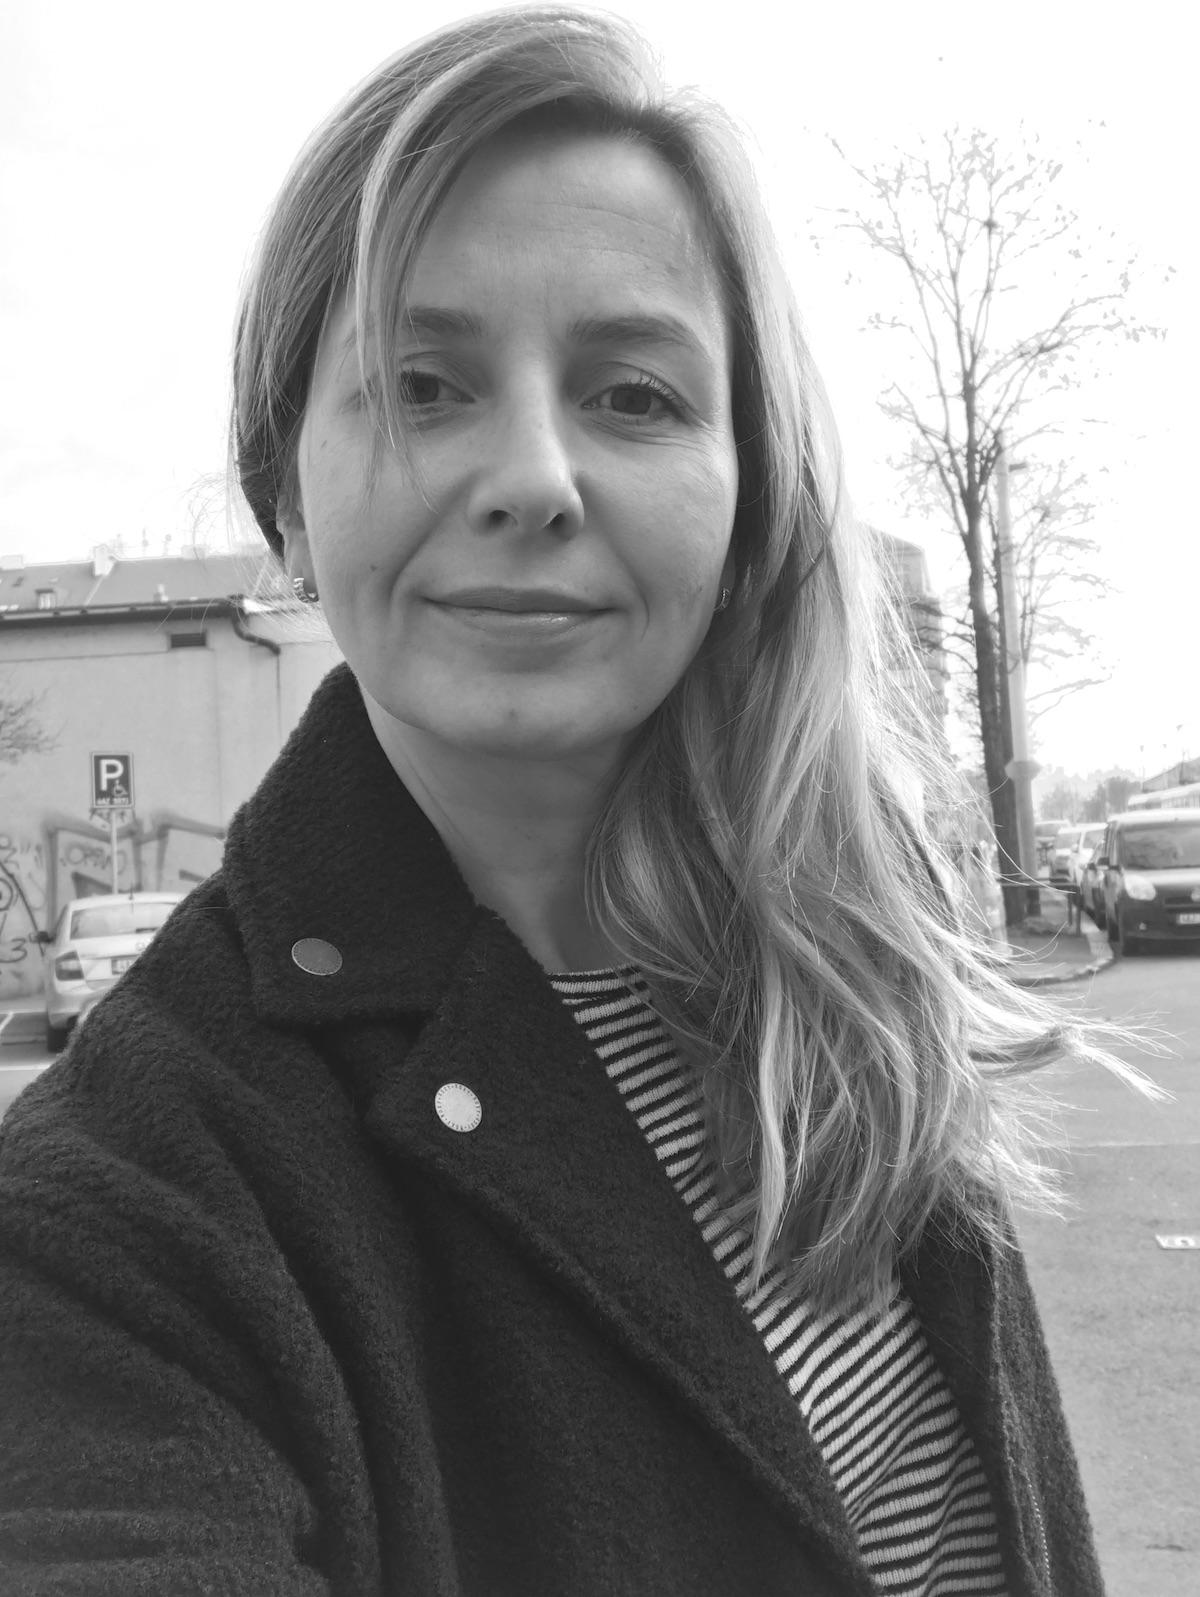 Jitka Srpová - Operations Manager